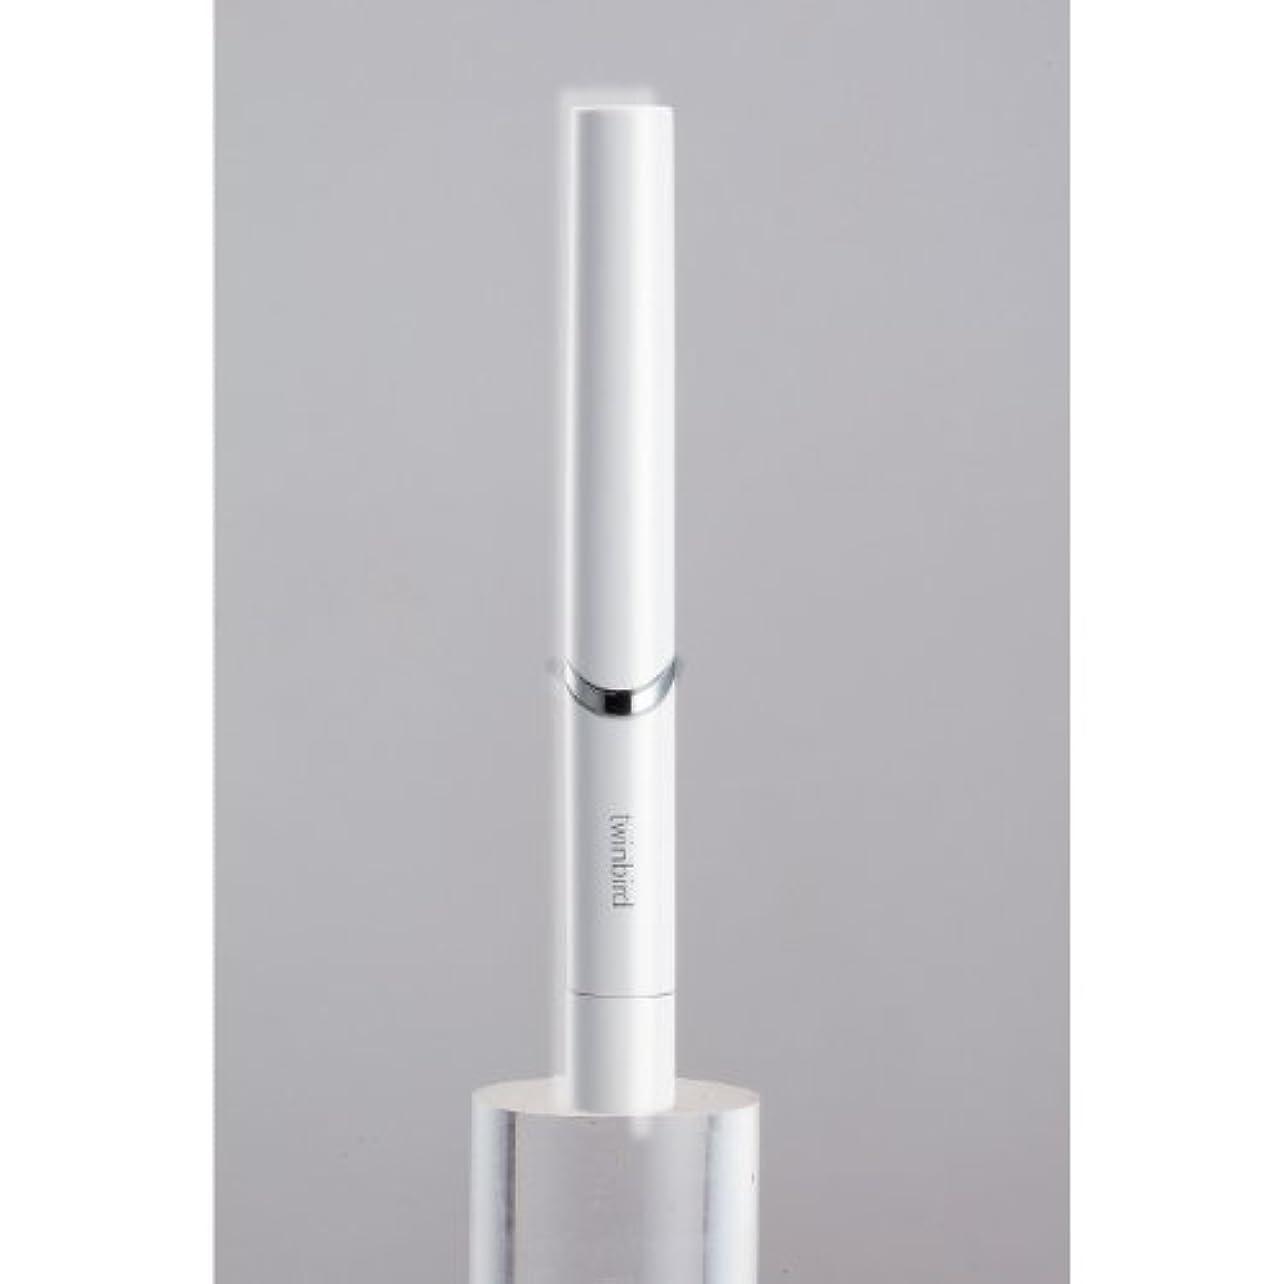 ゆるい大通り遅らせるツインバード 音波振動式歯ブラシ BD-2741 ホワイト?BD-2741W